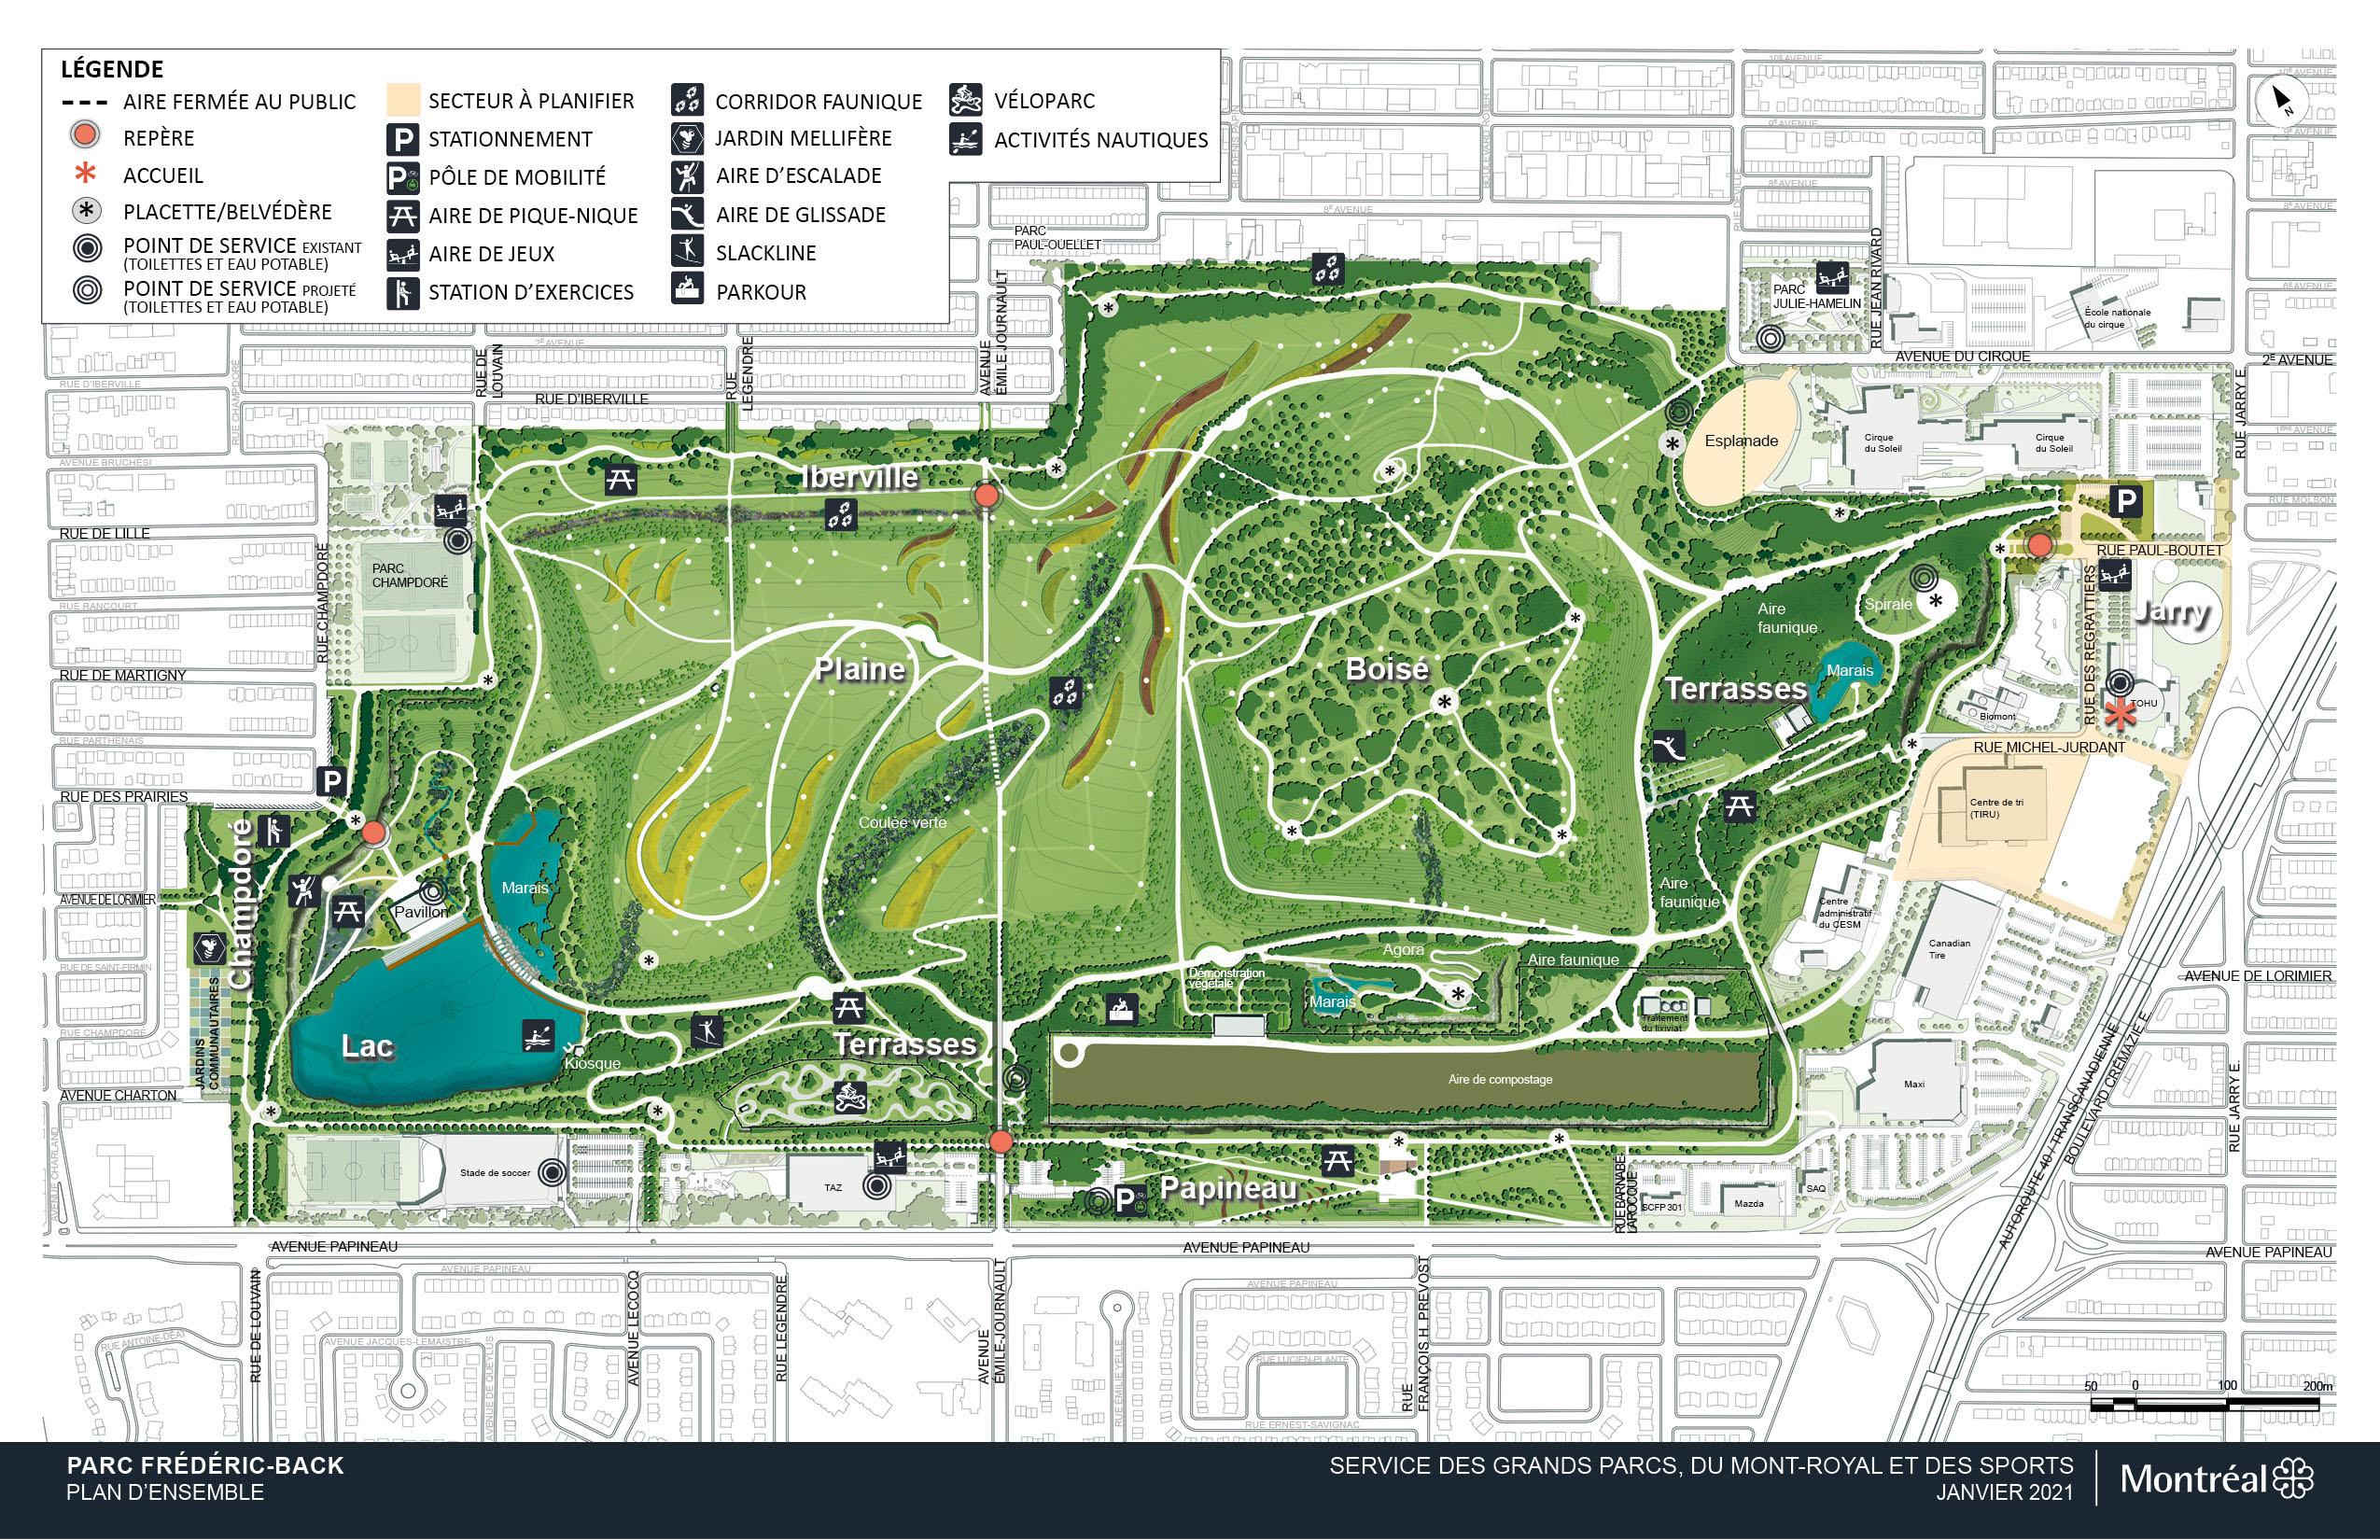 Plan d'ensemble du parc Frédéric-Back